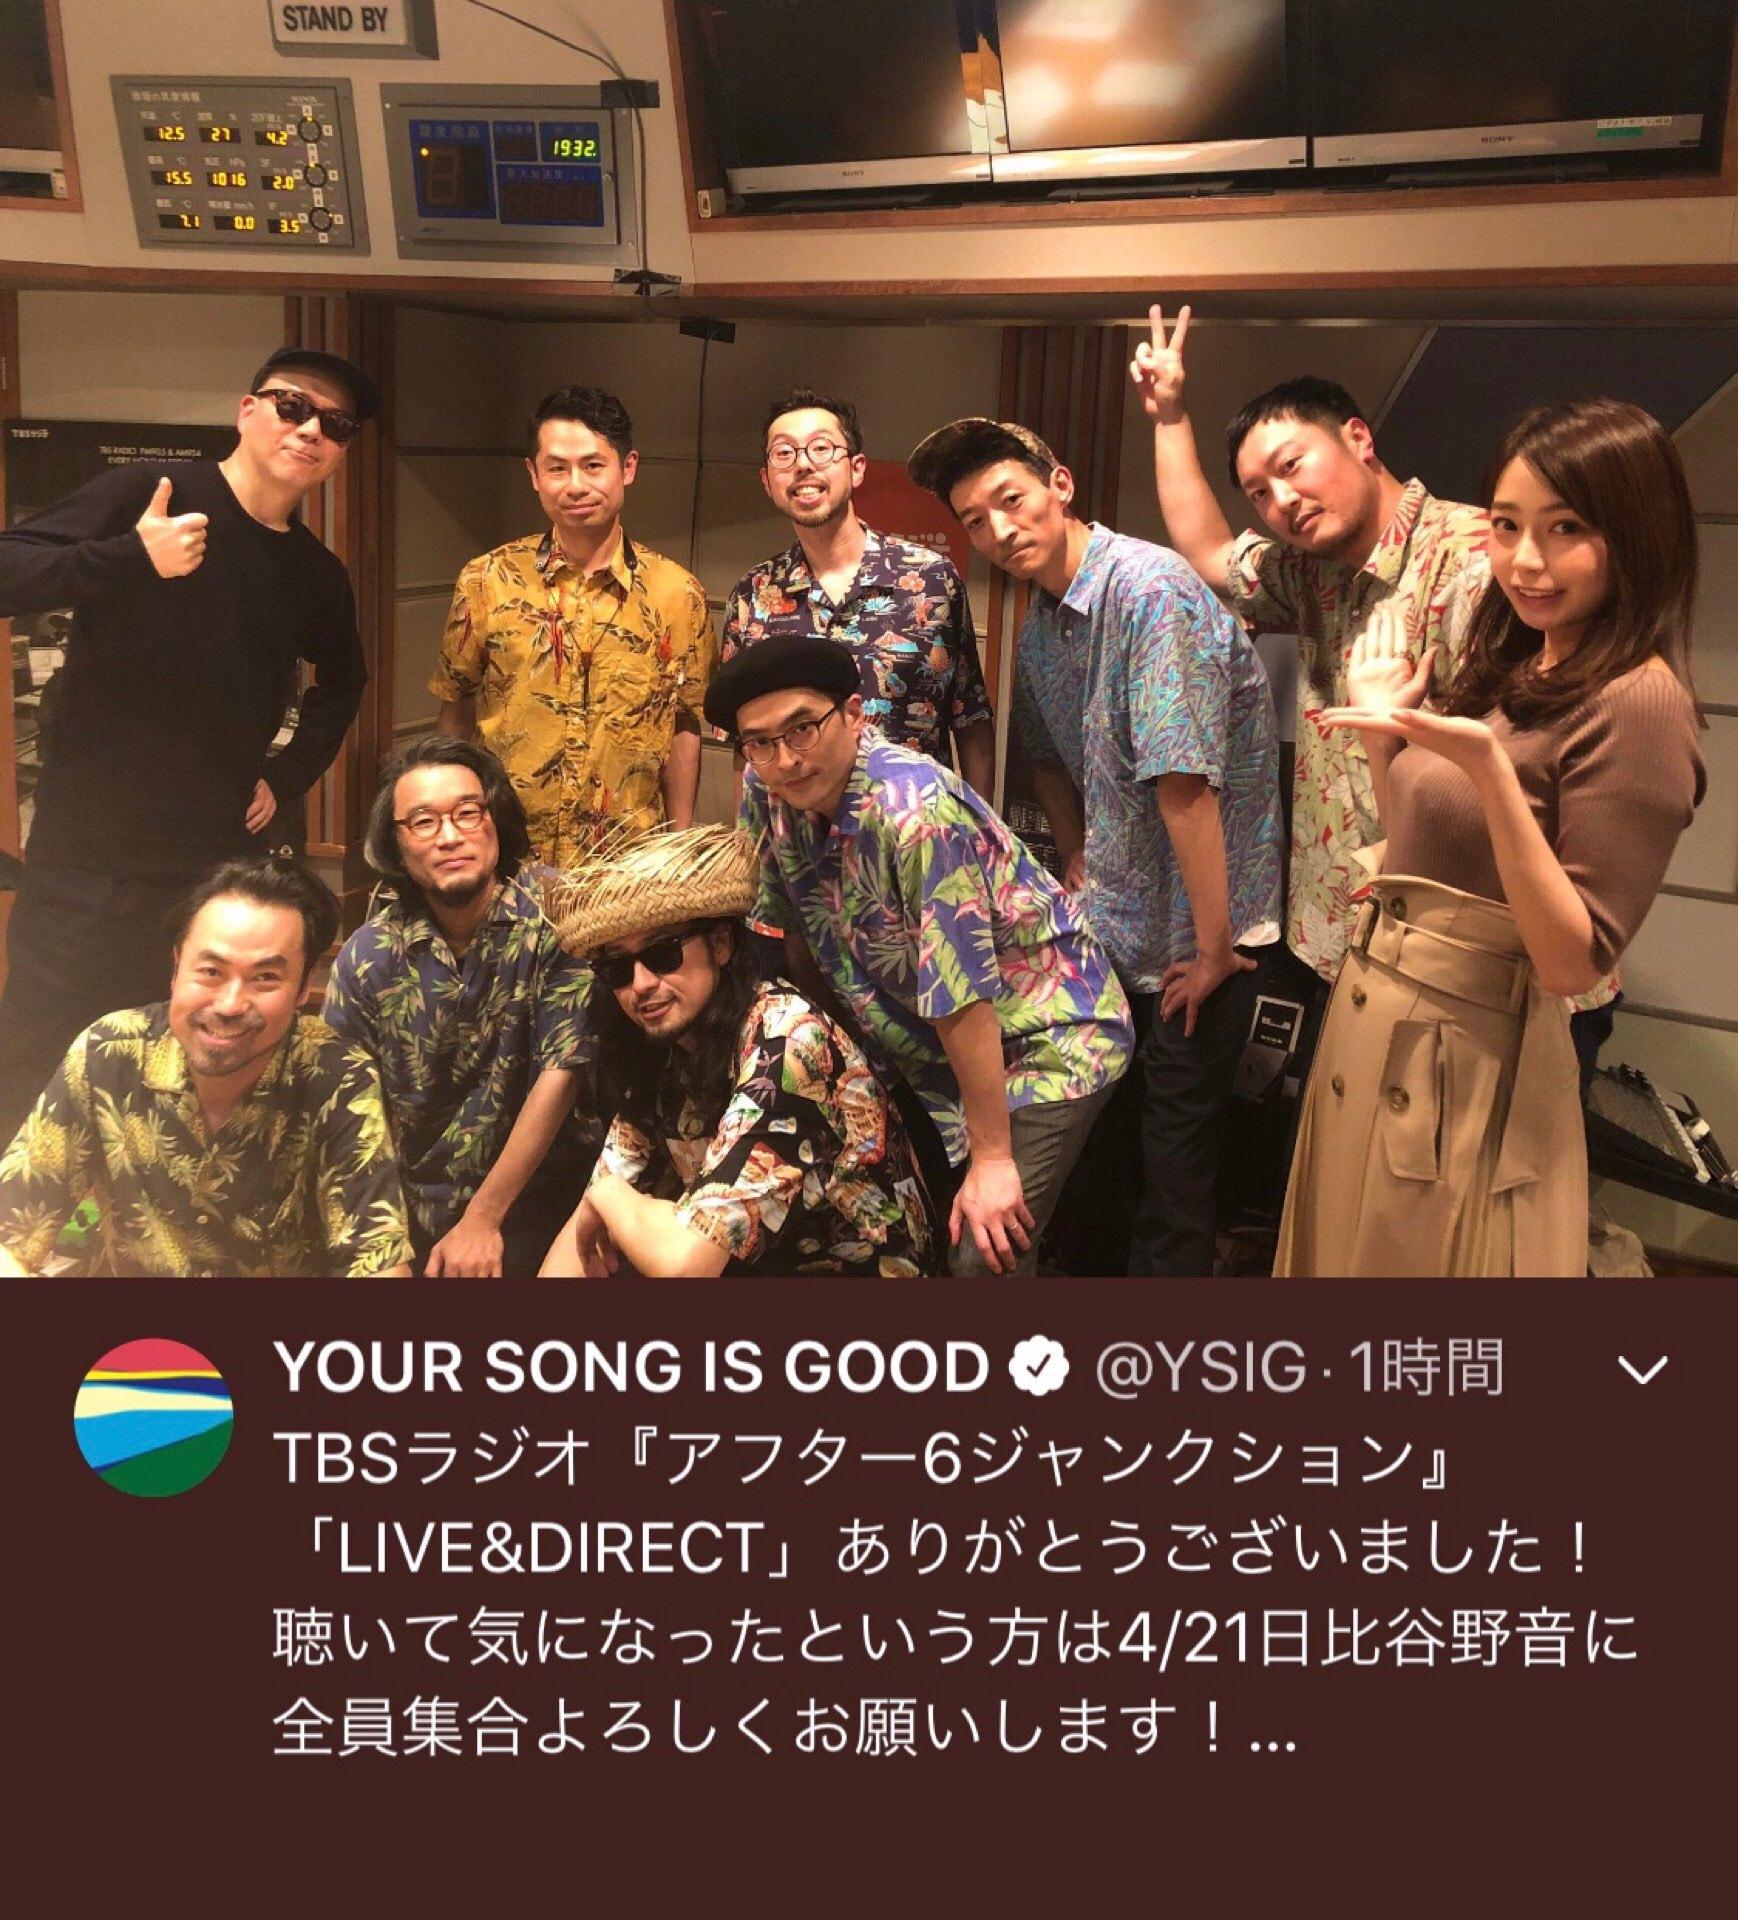 4/9ユアソン アトロクスタジオライブが聴けます_e0230090_16443065.jpeg